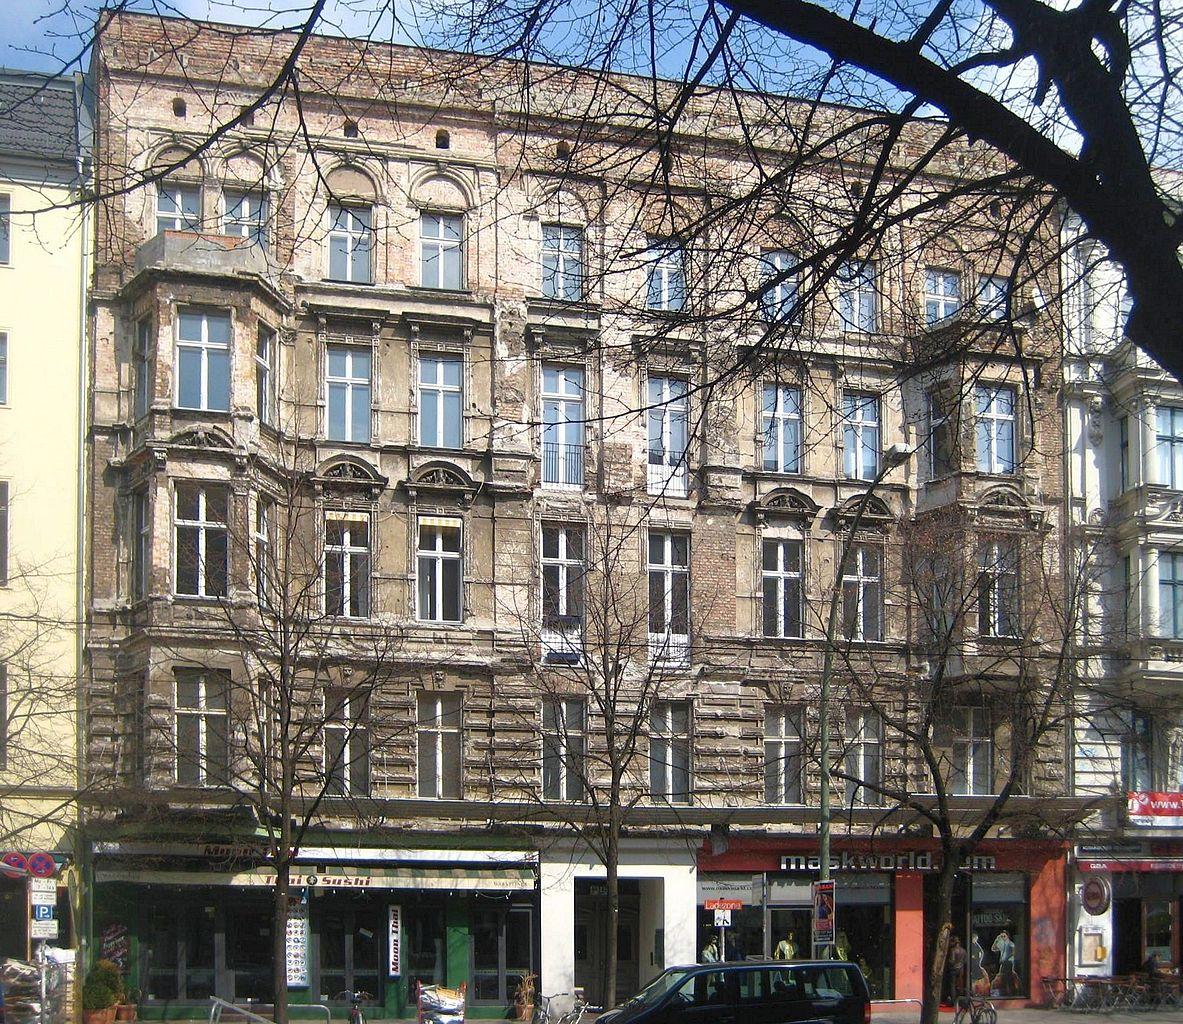 1183px-Berlin%2C_Mitte%2C_Oranienburger_Strasse_46-47%2C_Mietshaus.jpg